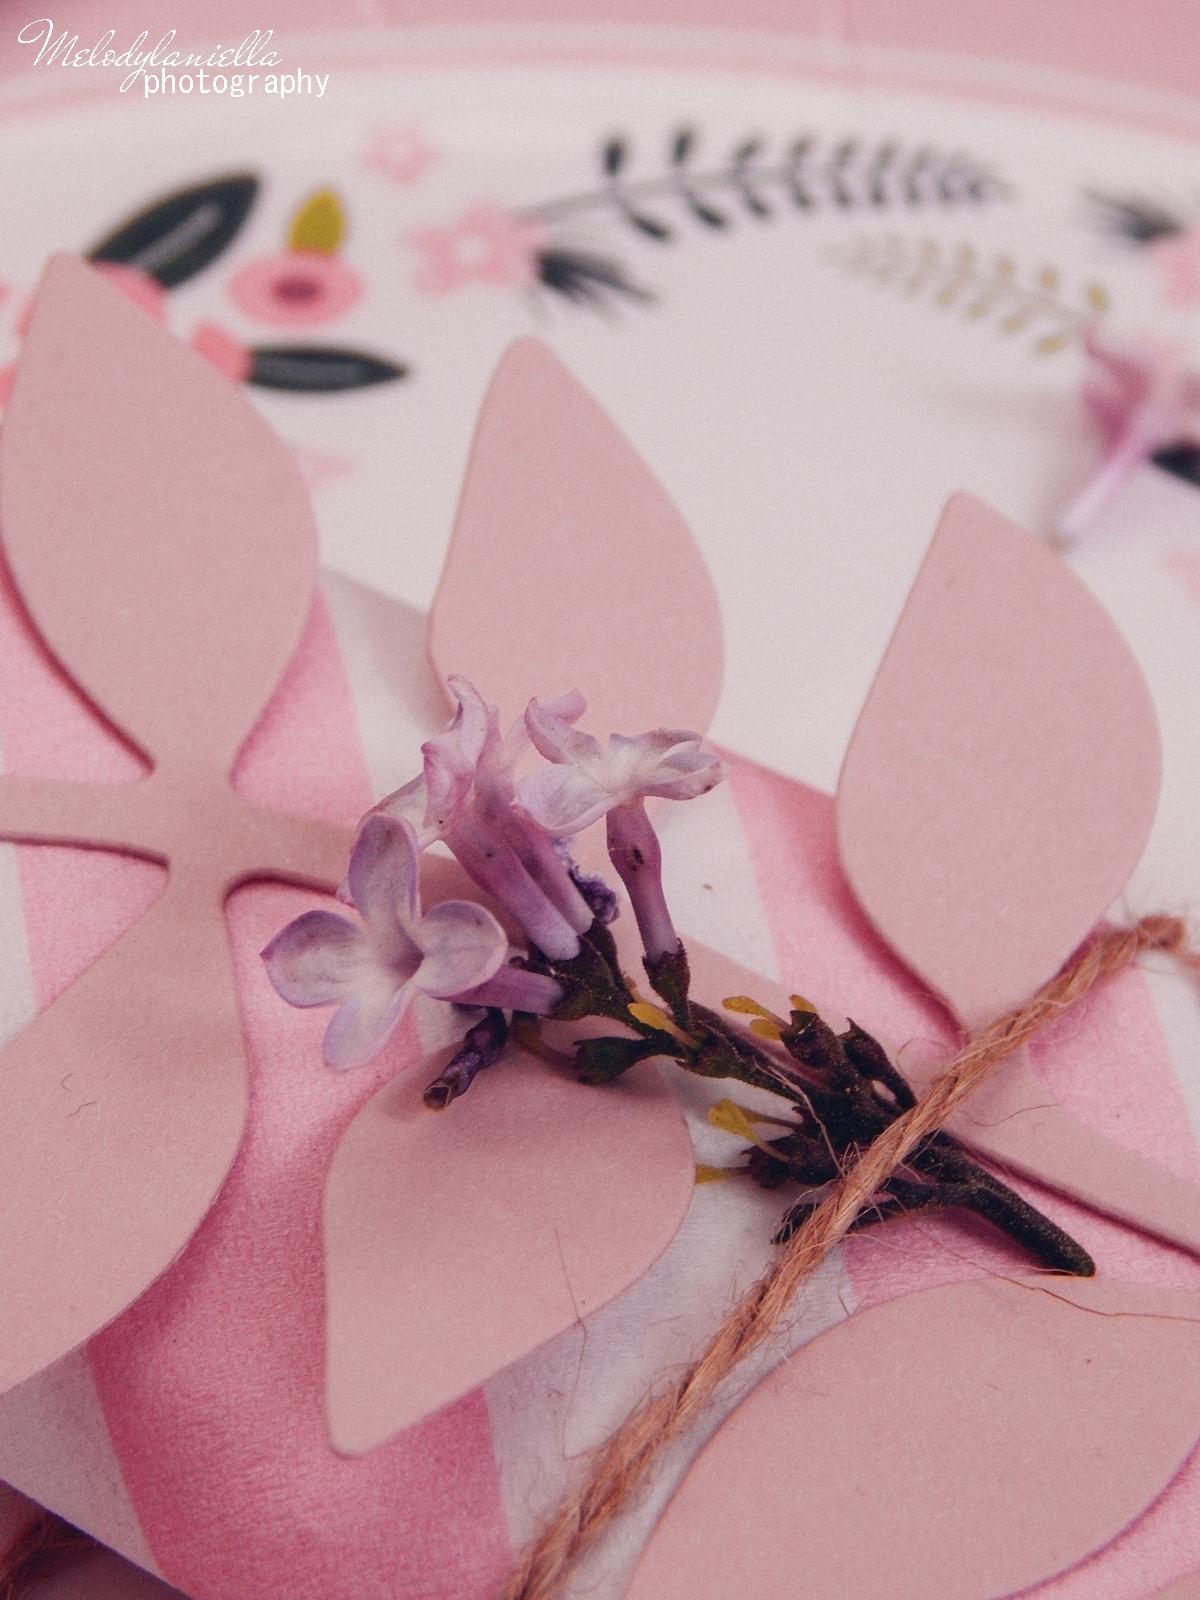 7 partybox.pl imprezu urodziny stroje dodatki na imprezę dekoracje nakrycia akcesoria imprezowe jak udekorować stół na dzień mamy pomysły na dzień matki kwiaty na stół